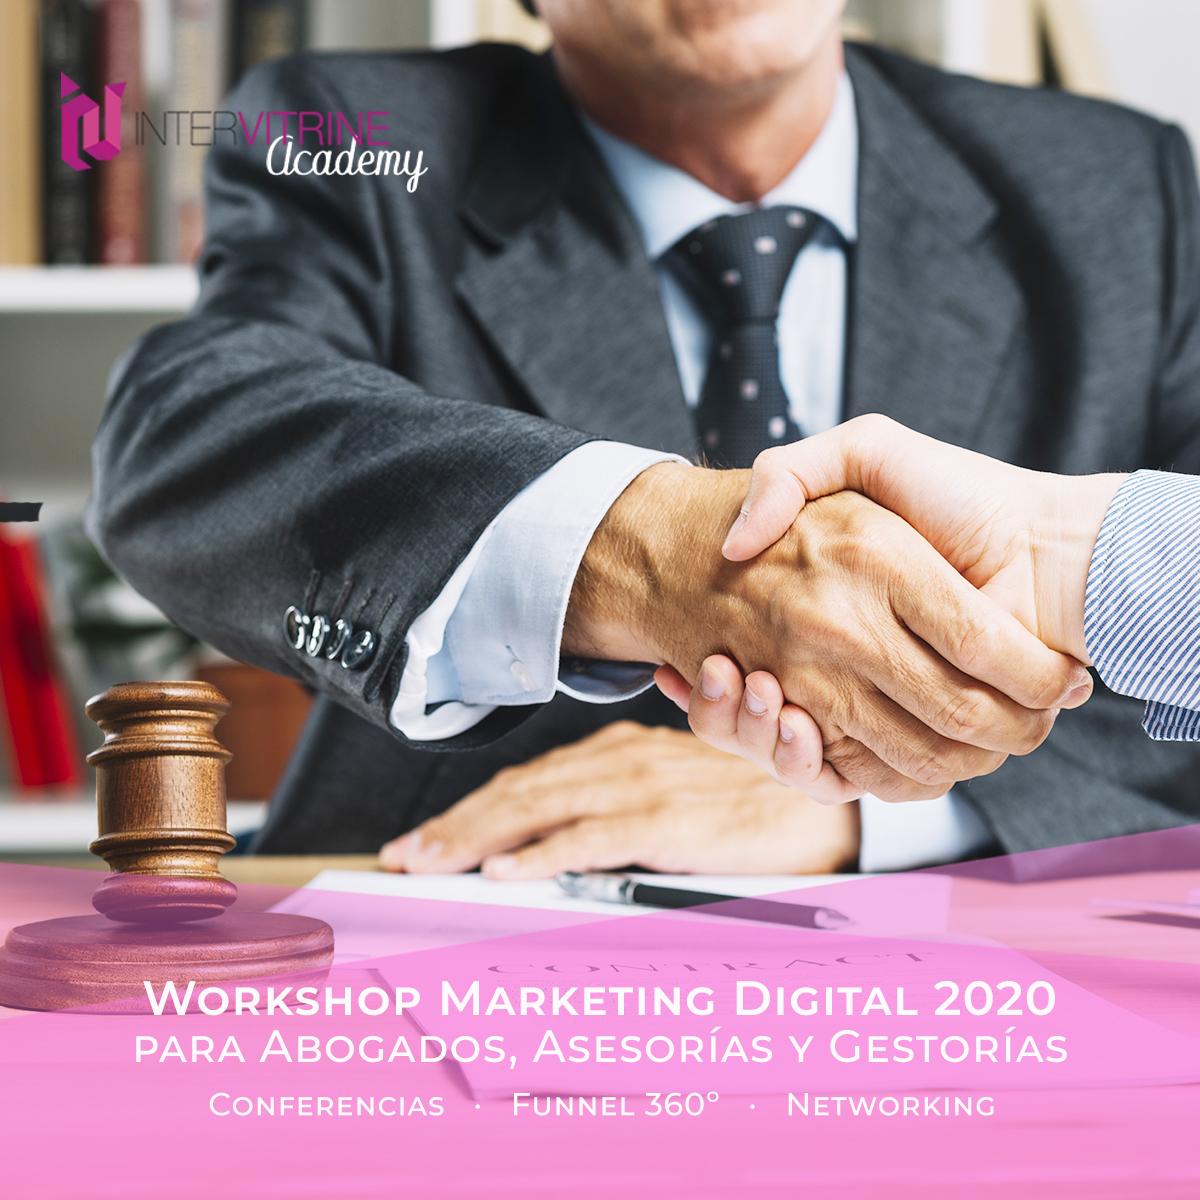 Workshop de Novedades en Marketing Digital para Abogados, Asesorías y Gestorías en  2020 1